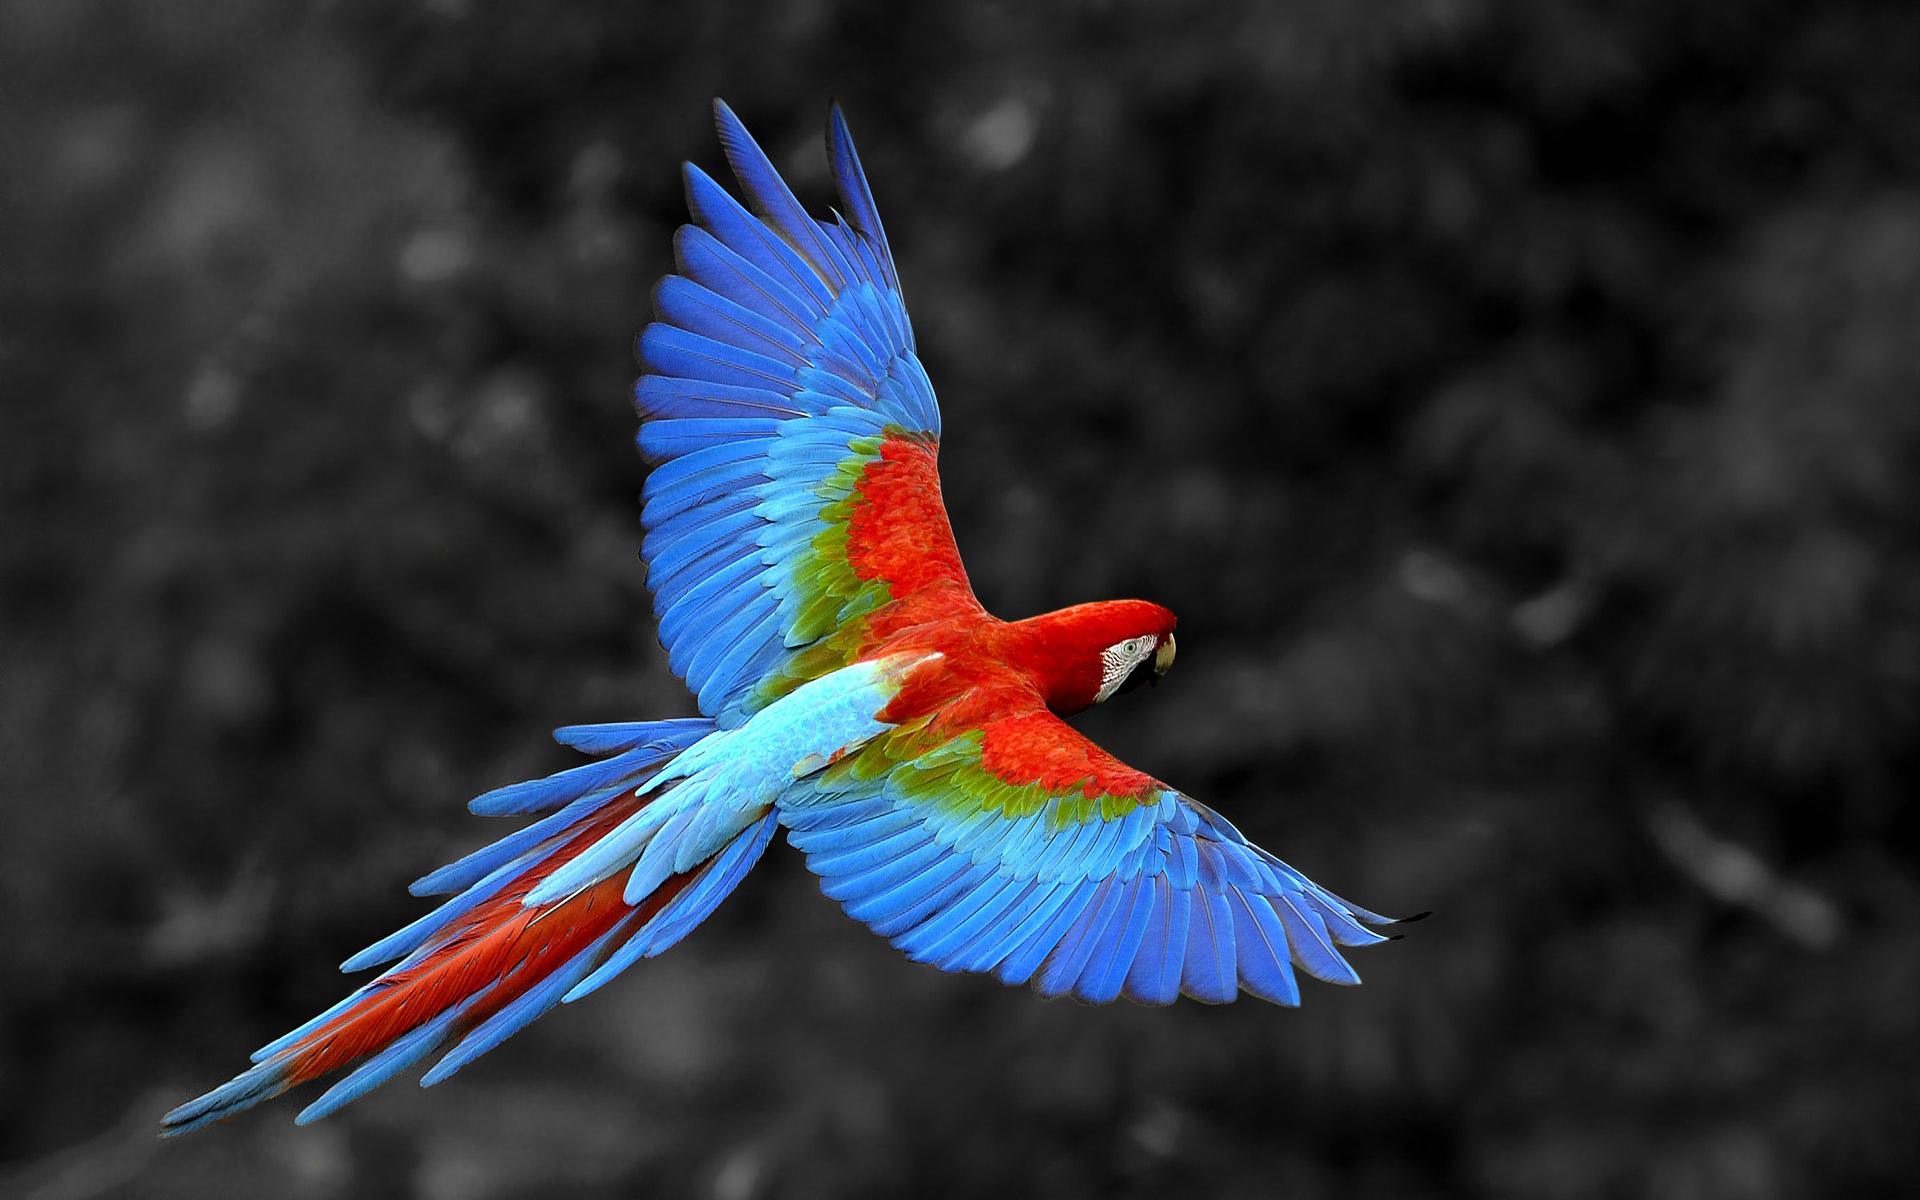 High Resolution Wallpaper | Parrot 1920x1200 px